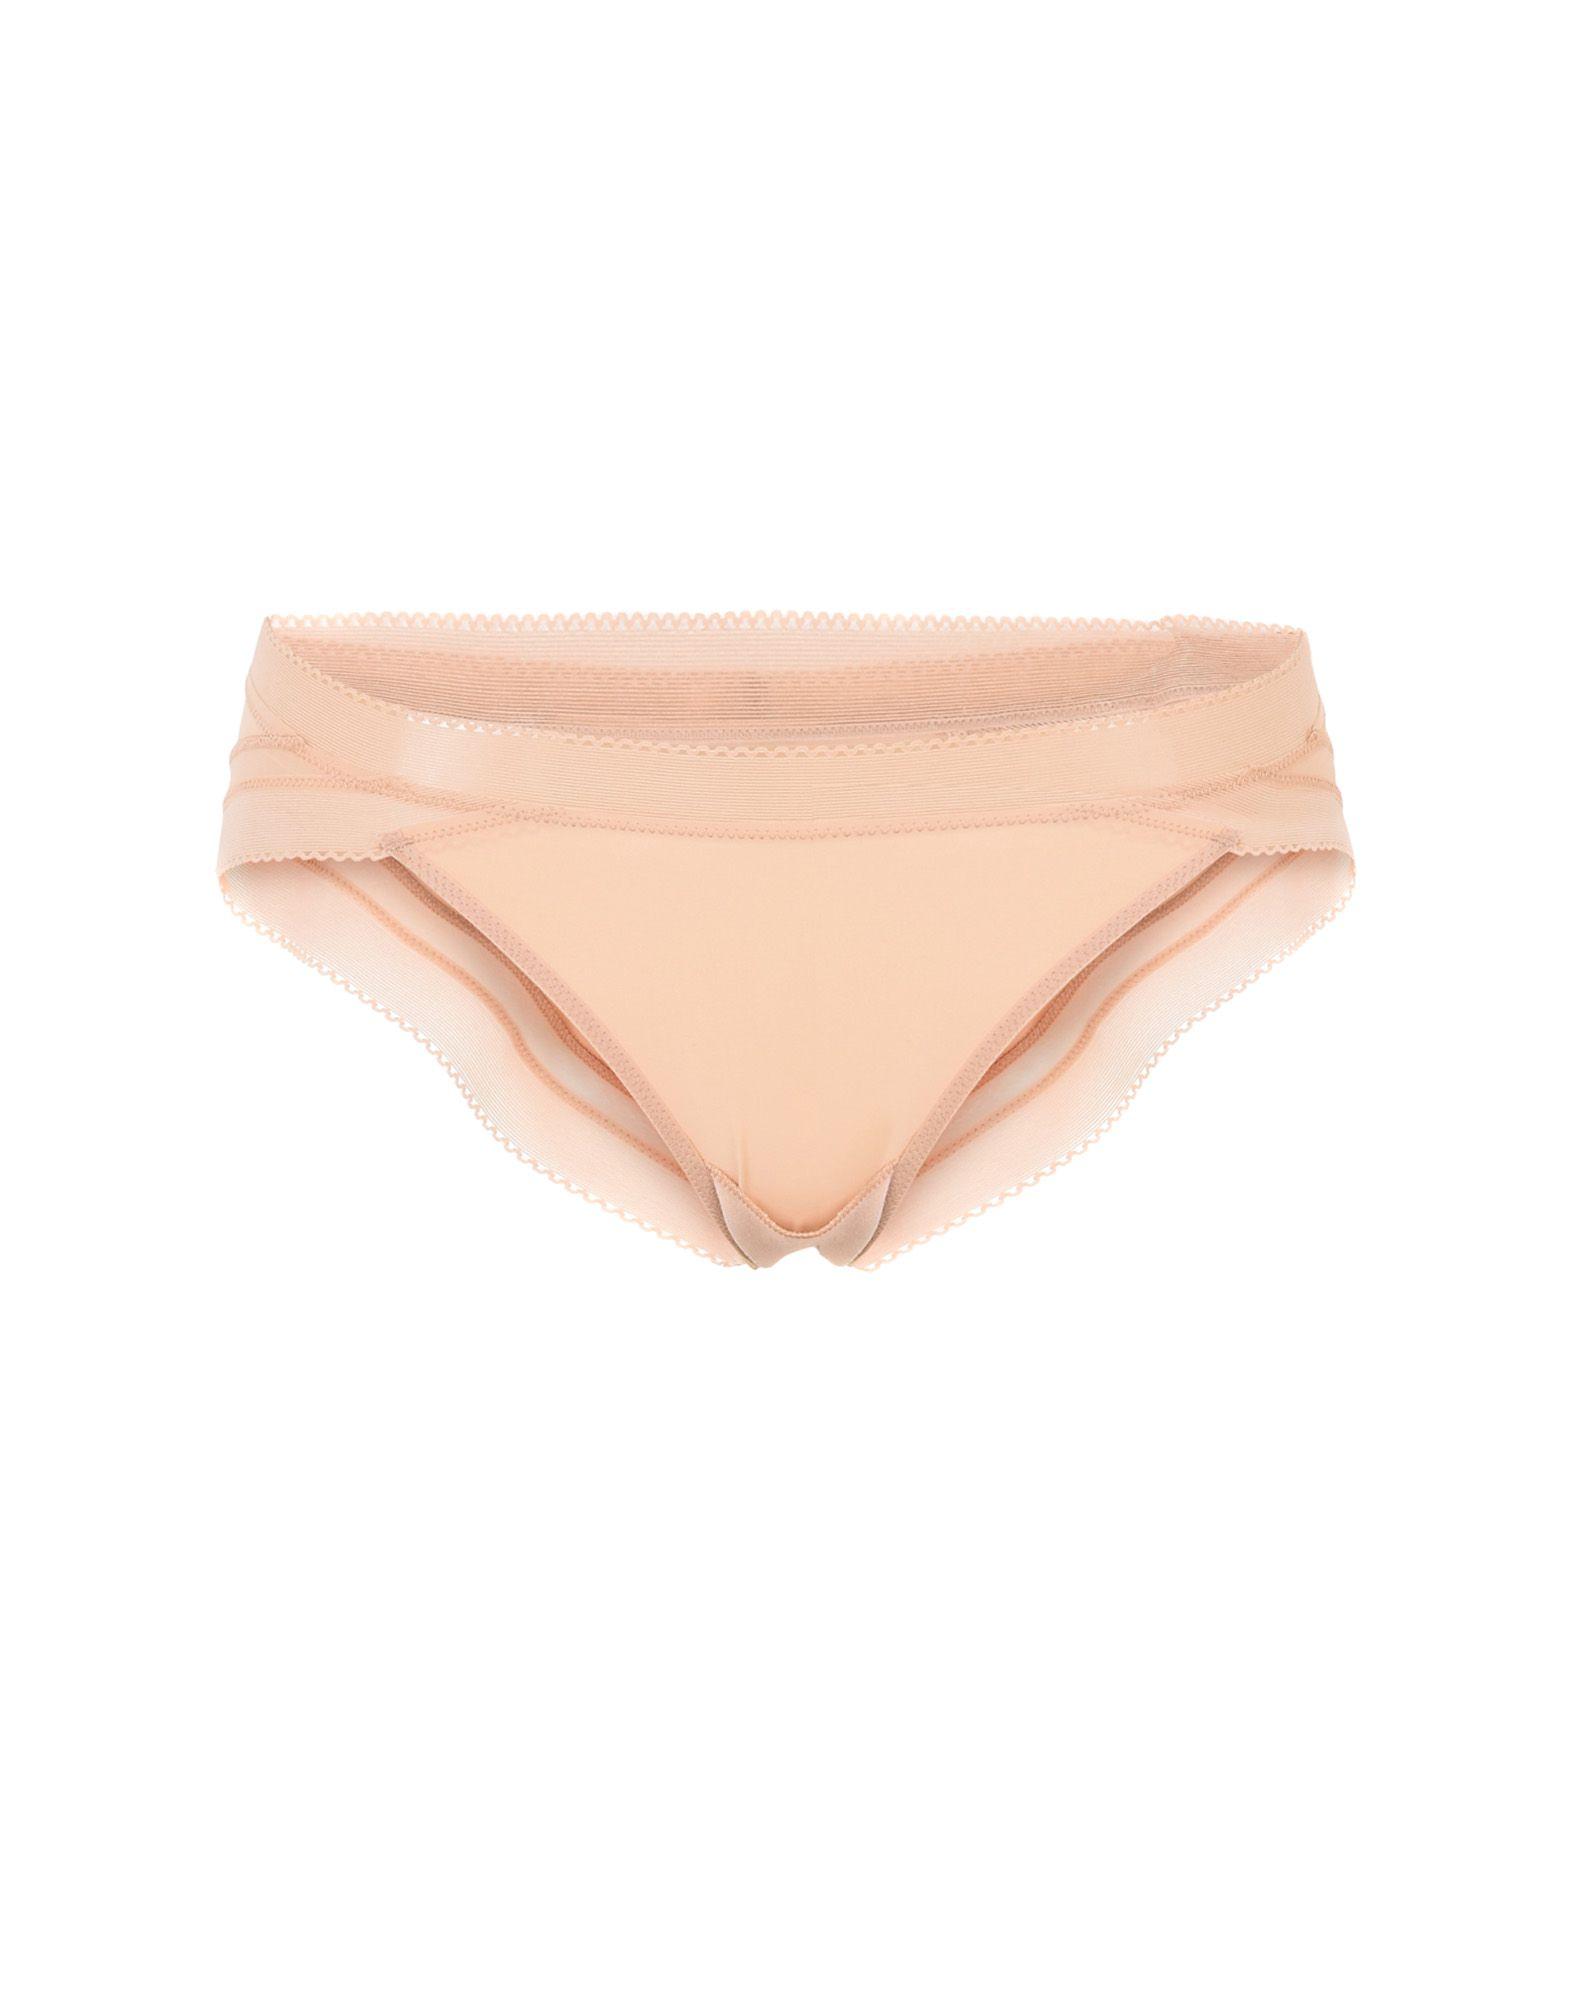 CALVIN KLEIN UNDERWEAR Трусы трусы женские calvin klein underwear цвет серый qf4530e pgr размер s 42